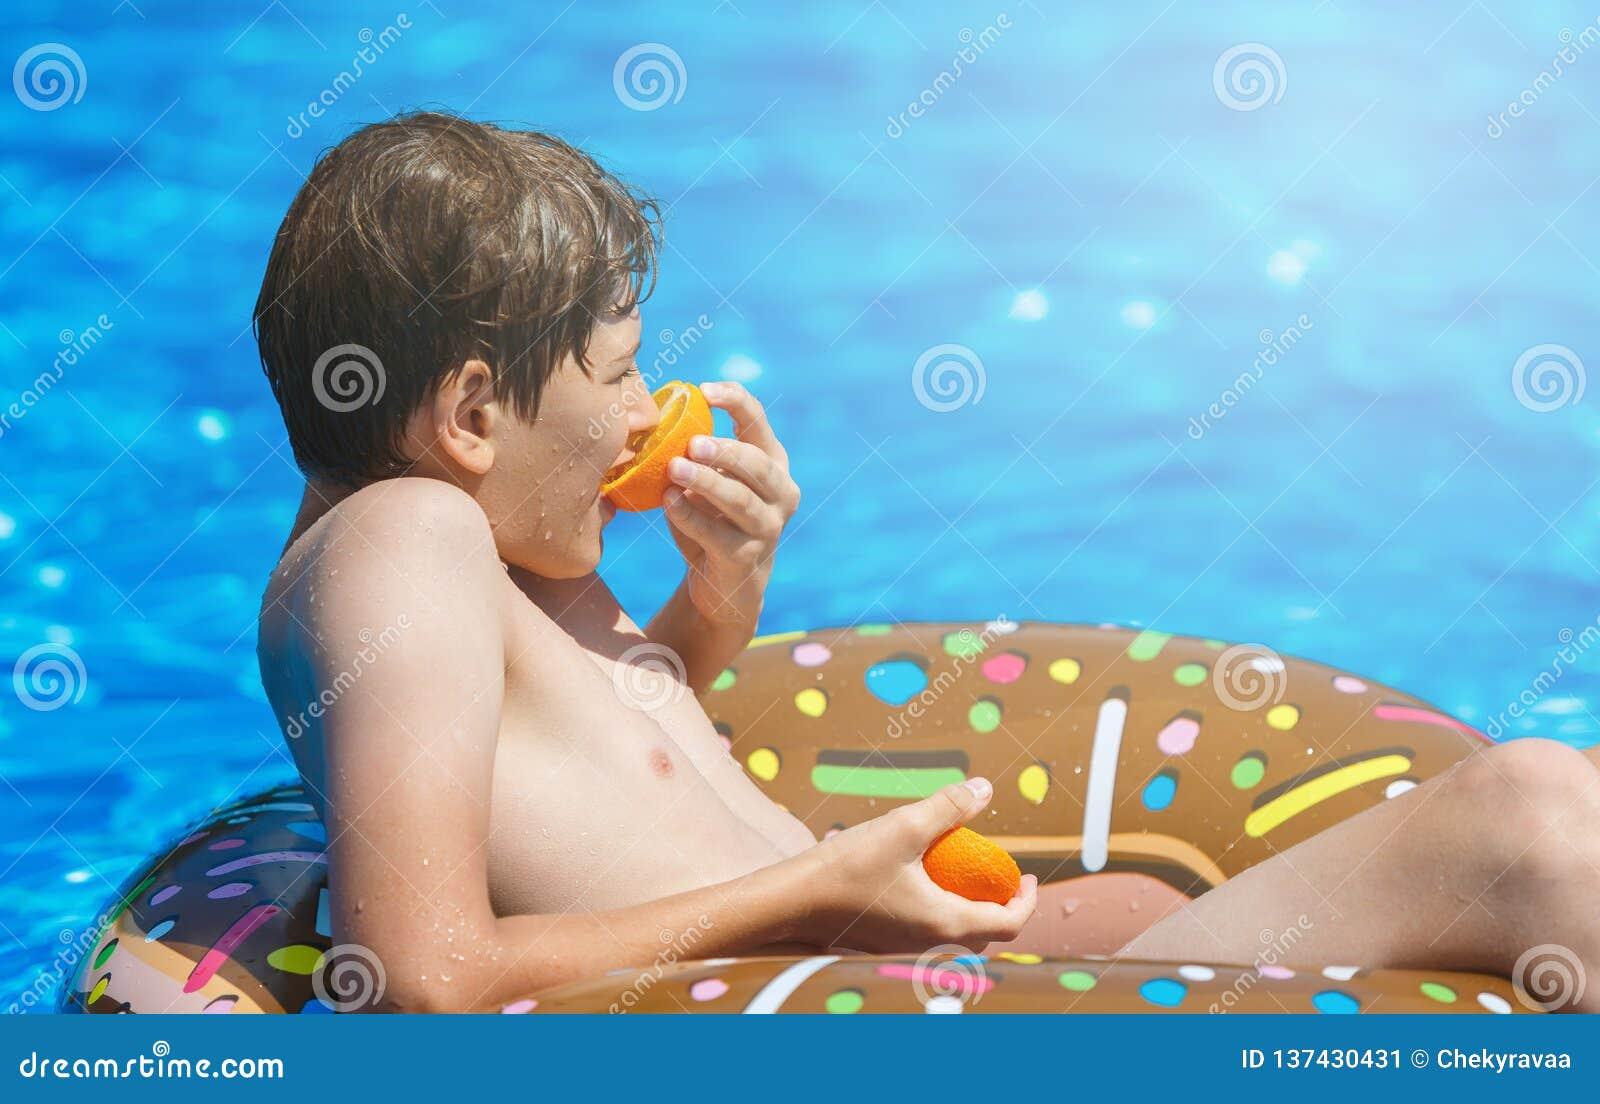 Glücklicher netter Jugendlicher des kleinen Jungen, der auf aufblasbarem Donutring mit Orange im Swimmingpool liegt Aktive Spiele